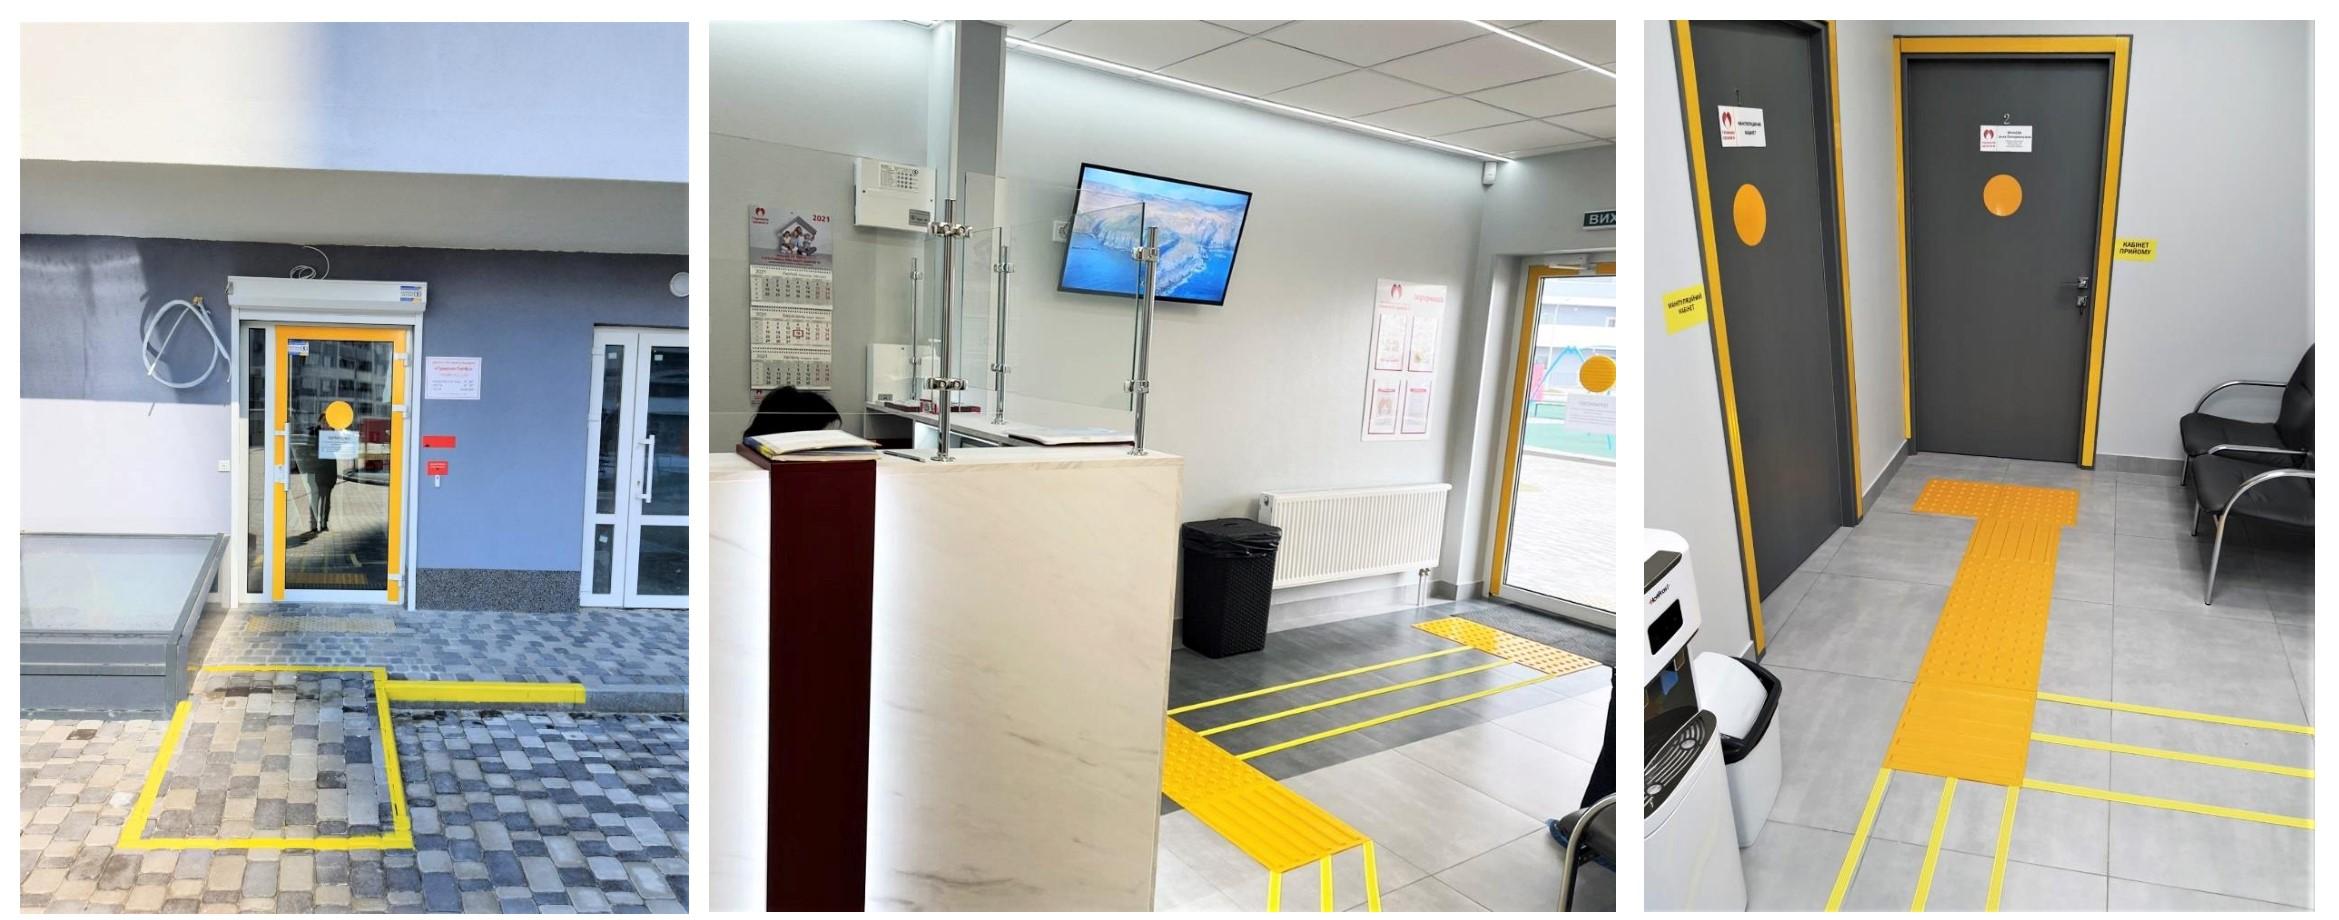 Адаптация помещений и зданий для инвалидов